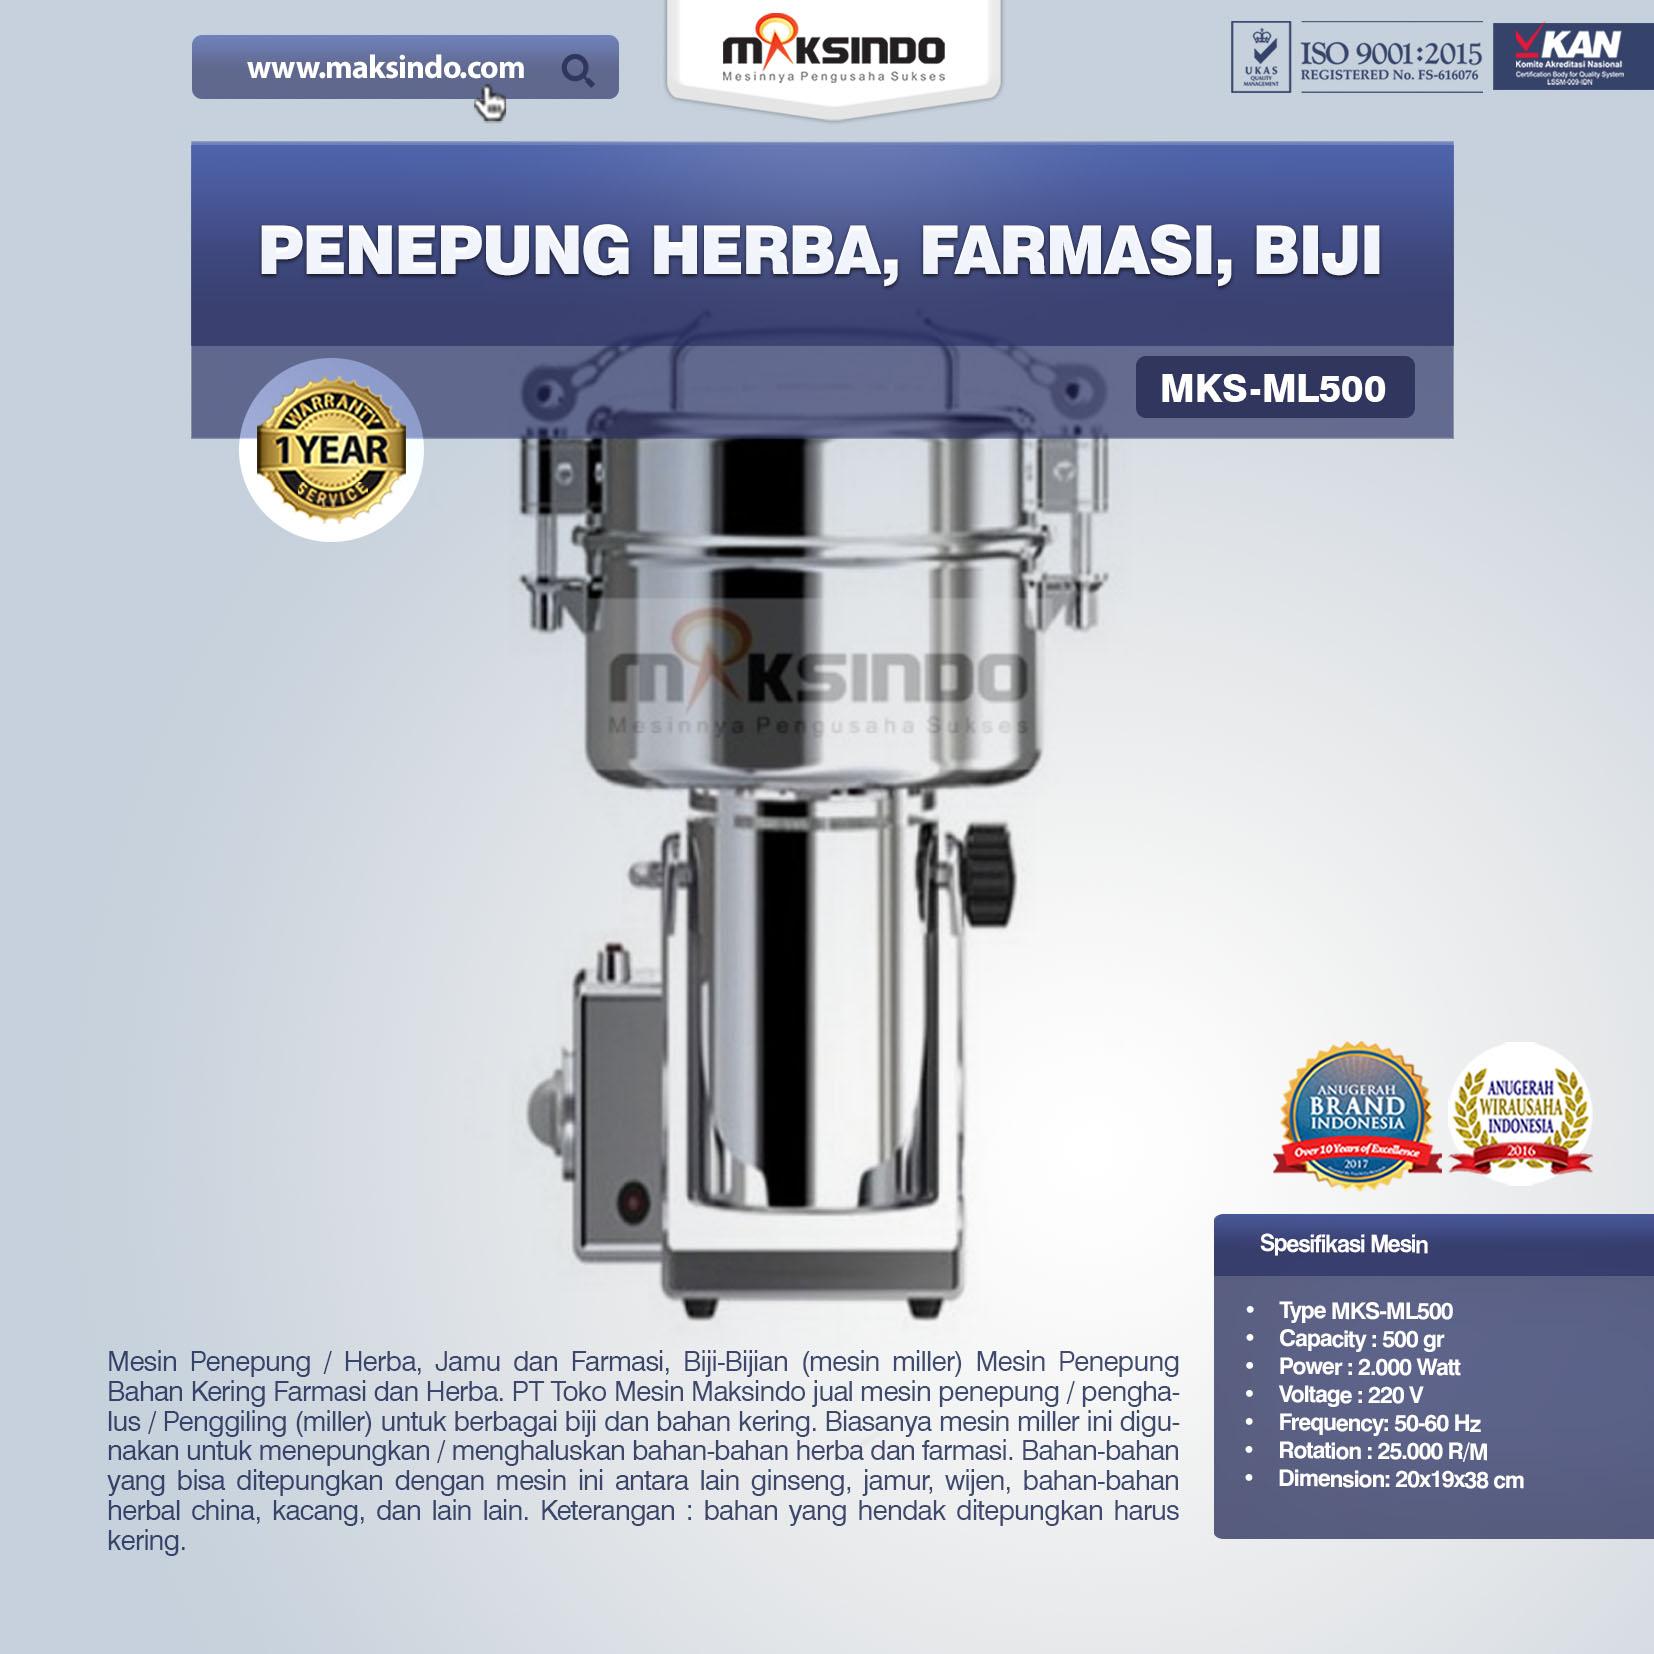 Jual Penepung Herba, Farmasi, Biji (ML500) di Tangerang